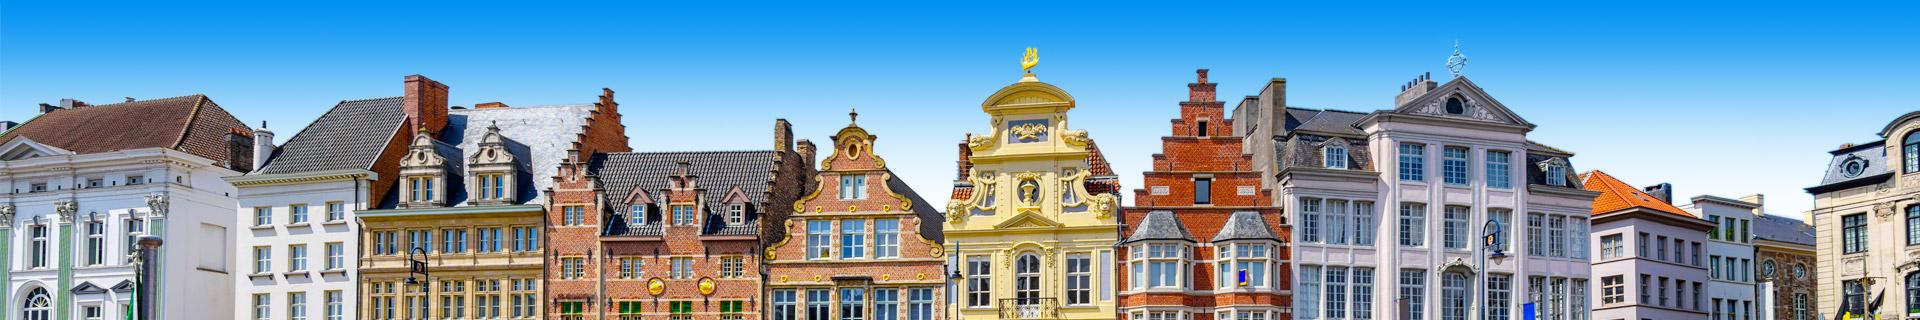 Typische huizen aan de grachten in België